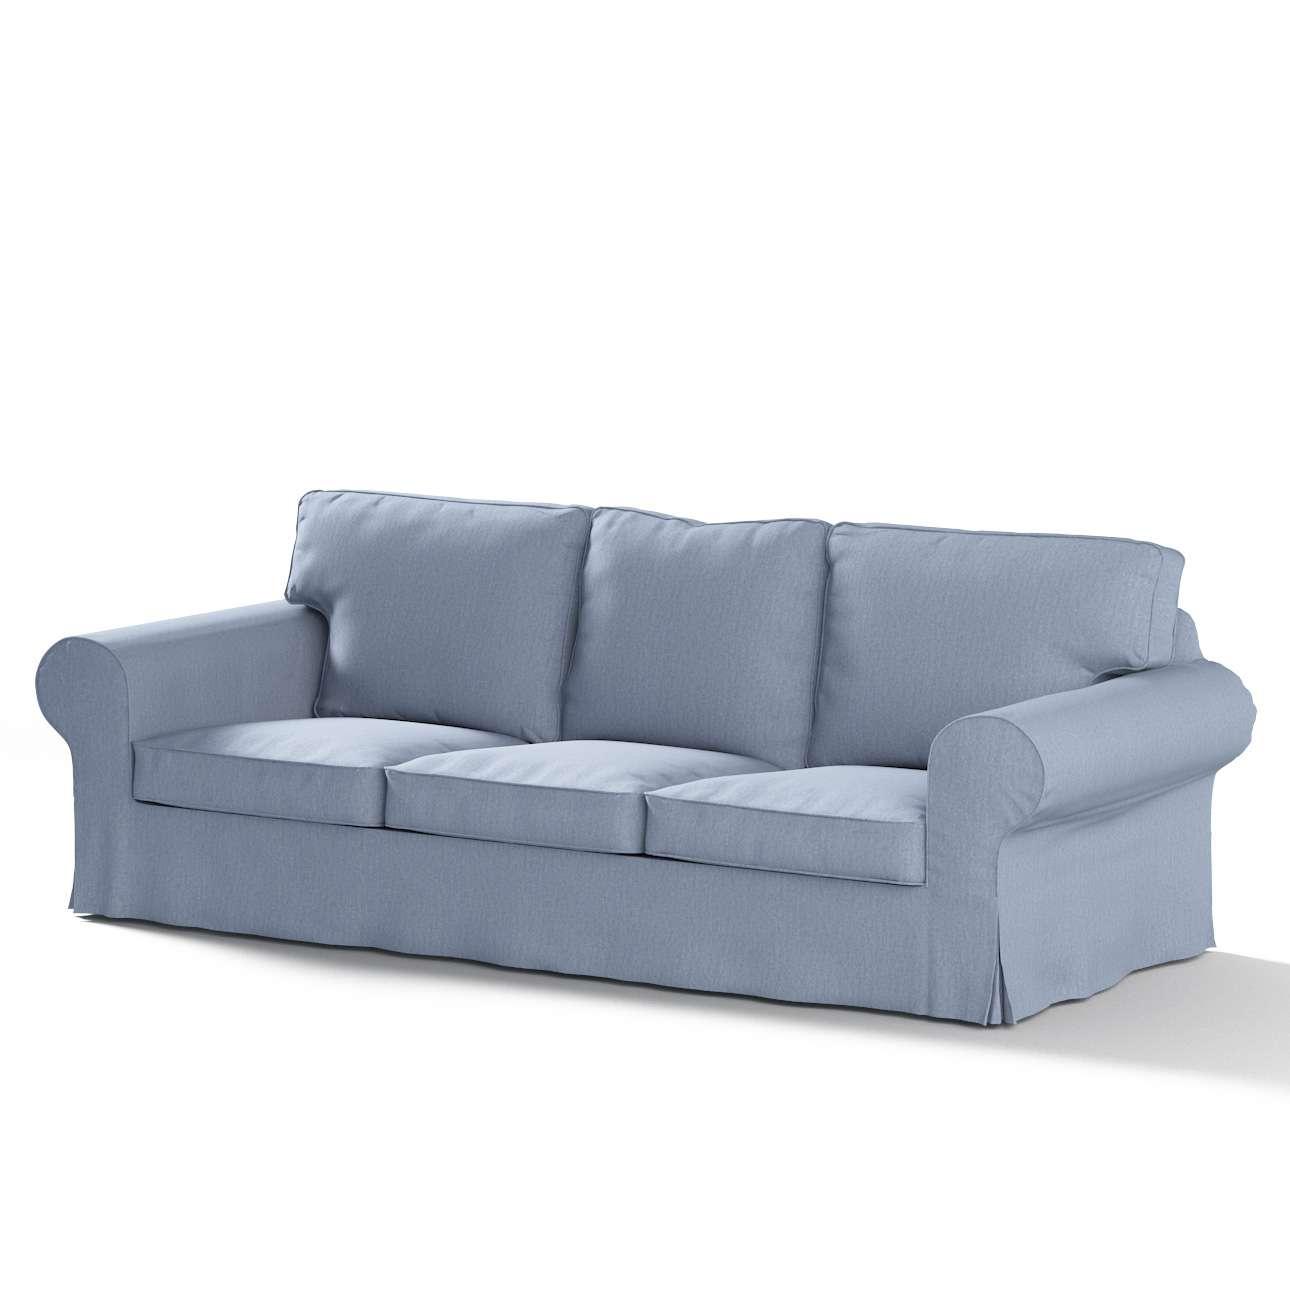 Ektorp trivietės sofos-lovos užvalkalas Ektorp trivietė sofa-lova kolekcijoje Chenille, audinys: 702-13